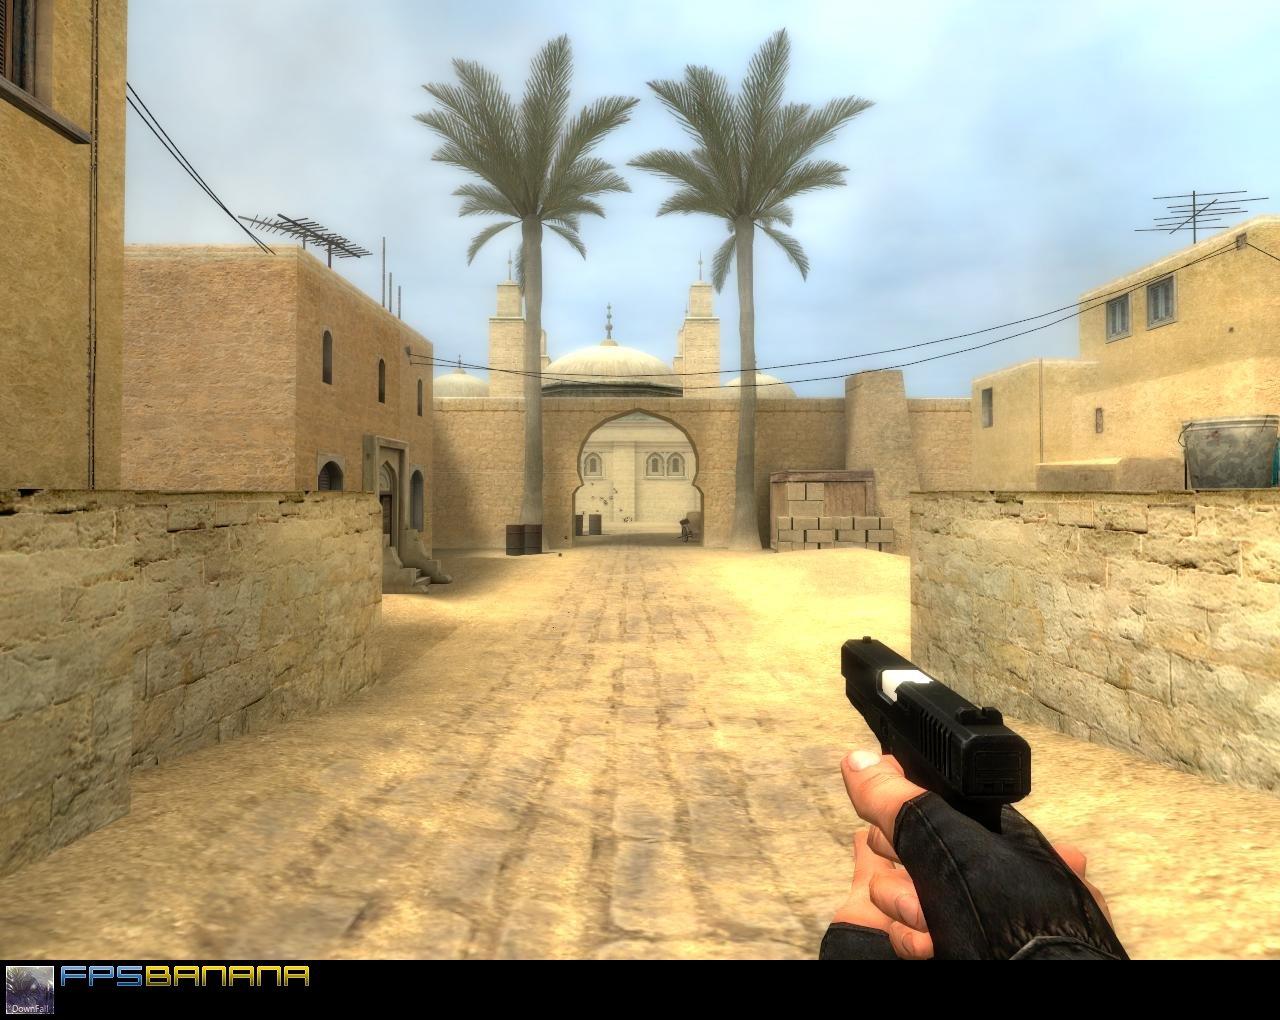 Counter strike source v34 no steam как убрать черные полосы по бокам монитора в кс го